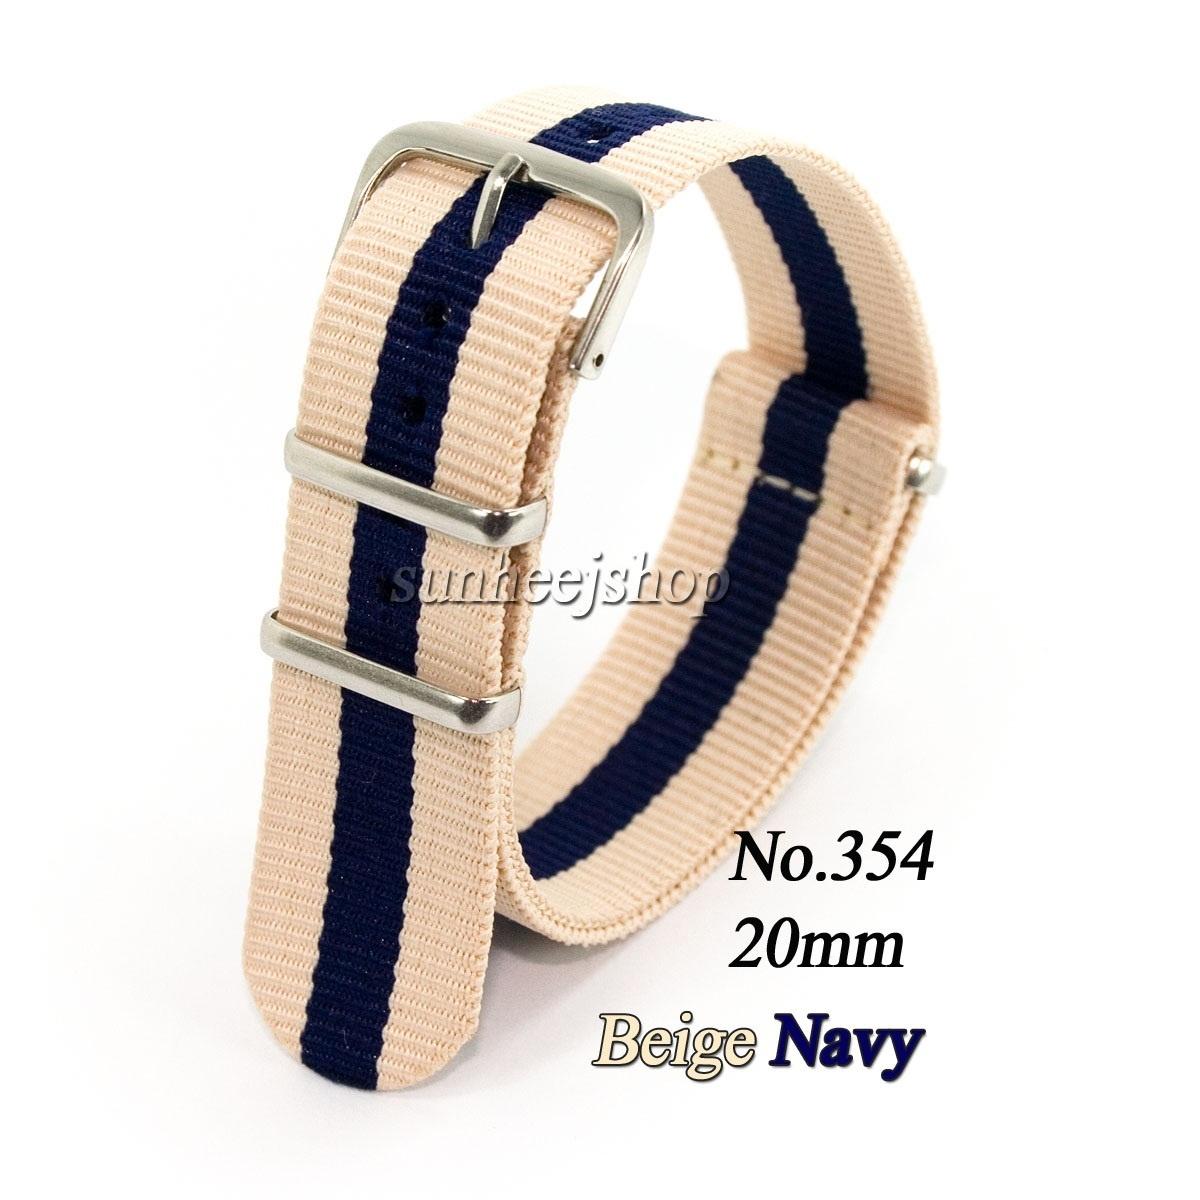 Http List Item Jang Geun Suk Earring Fashion Adidas Adh3017 Aberdeen Red Dial Rubber Strap 581518628 00g 0 W St G